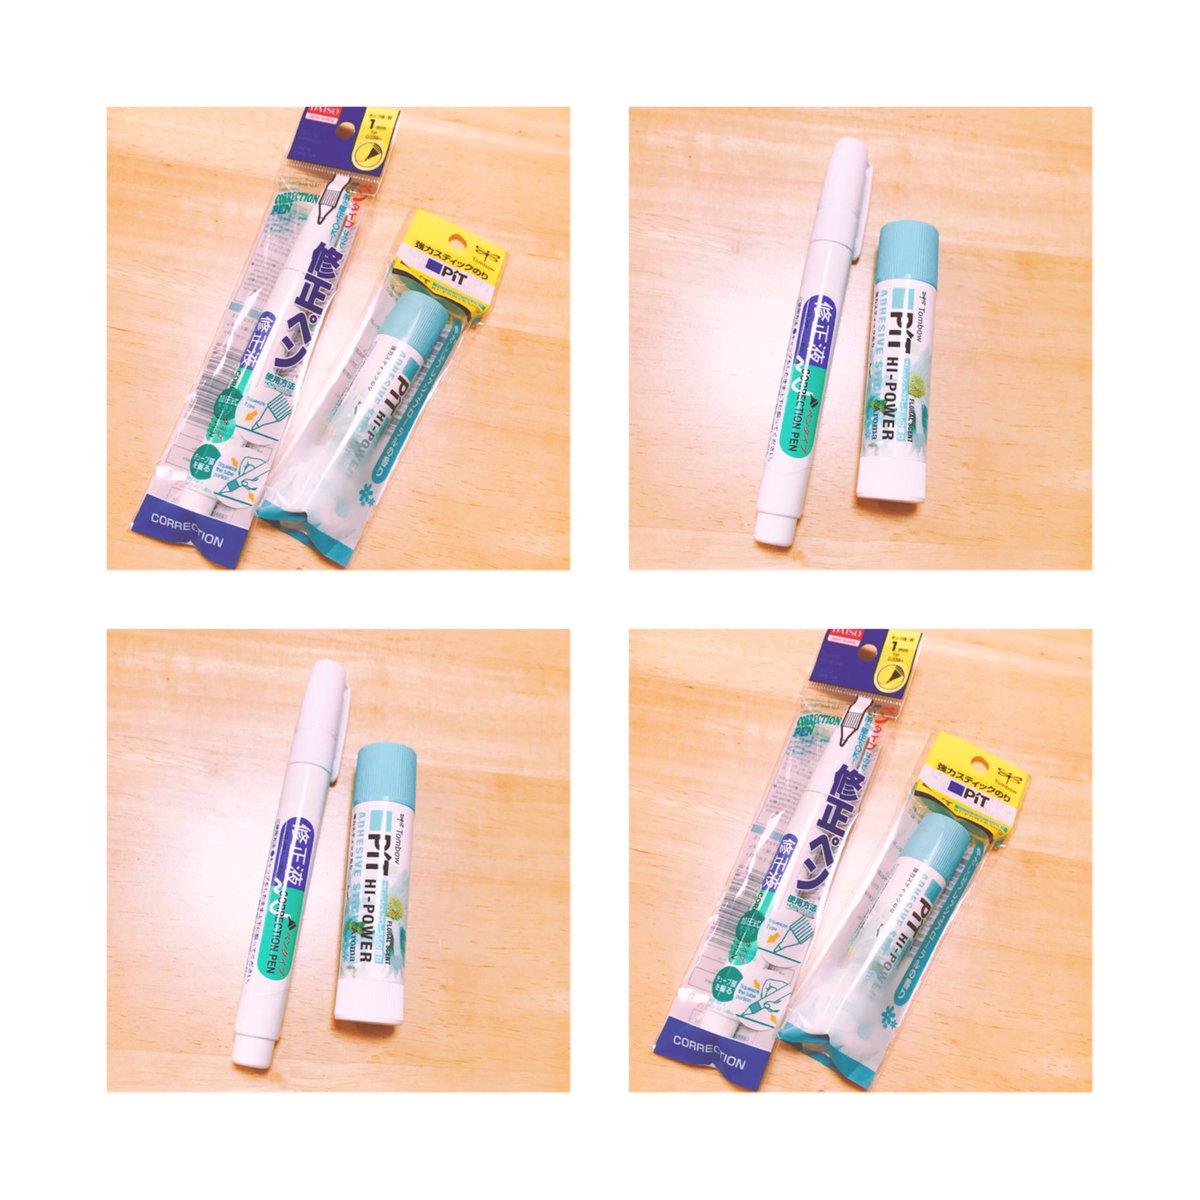 test ツイッターメディア - ●本日の購入品● DAISOに行って、修正ペンと香りがついてる最近学校で流行ってるのりを買ってきました??  修正ペン消しやすくてコンパクトでいい??←とにかく筆箱小さめだからコンパクトっていうのが最重要???????? #購入品 #DAISO https://t.co/FxANnQzgHR